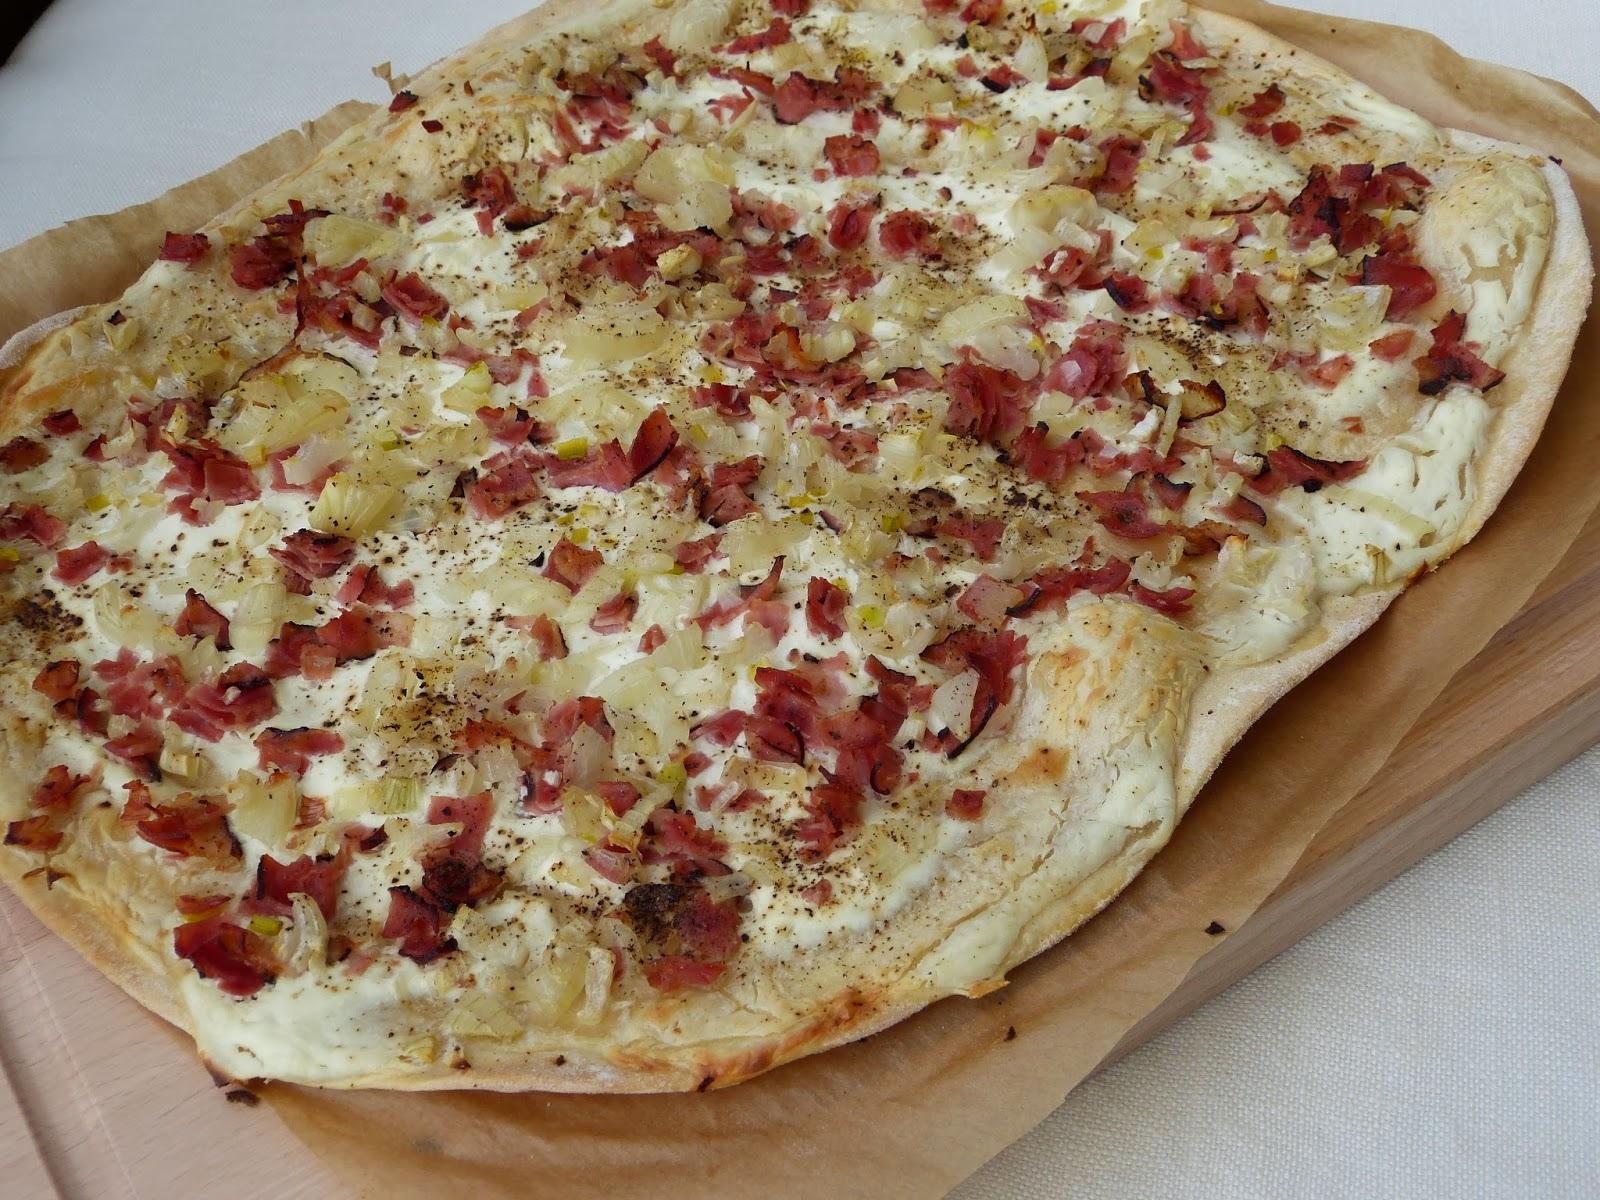 Tarte flambée v Alsasku, Flammkuchen v Porýní: Skvělý slaný koláč k vínu